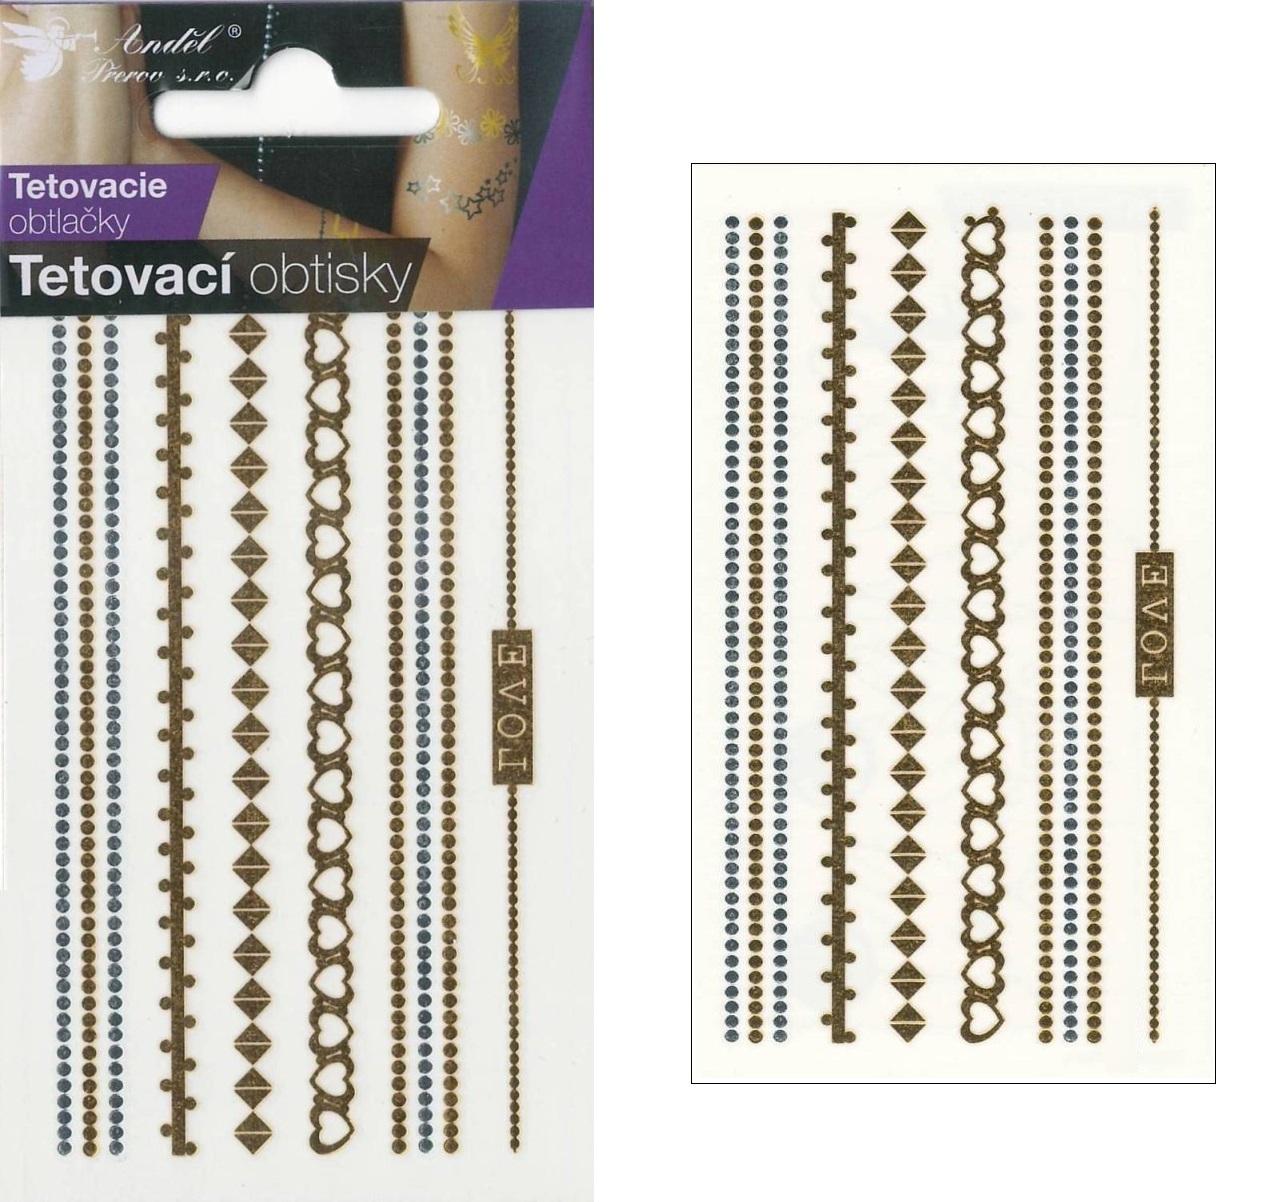 Obtisky tetovací zlaté a stříbrné 10,5x6 cm- řetízky